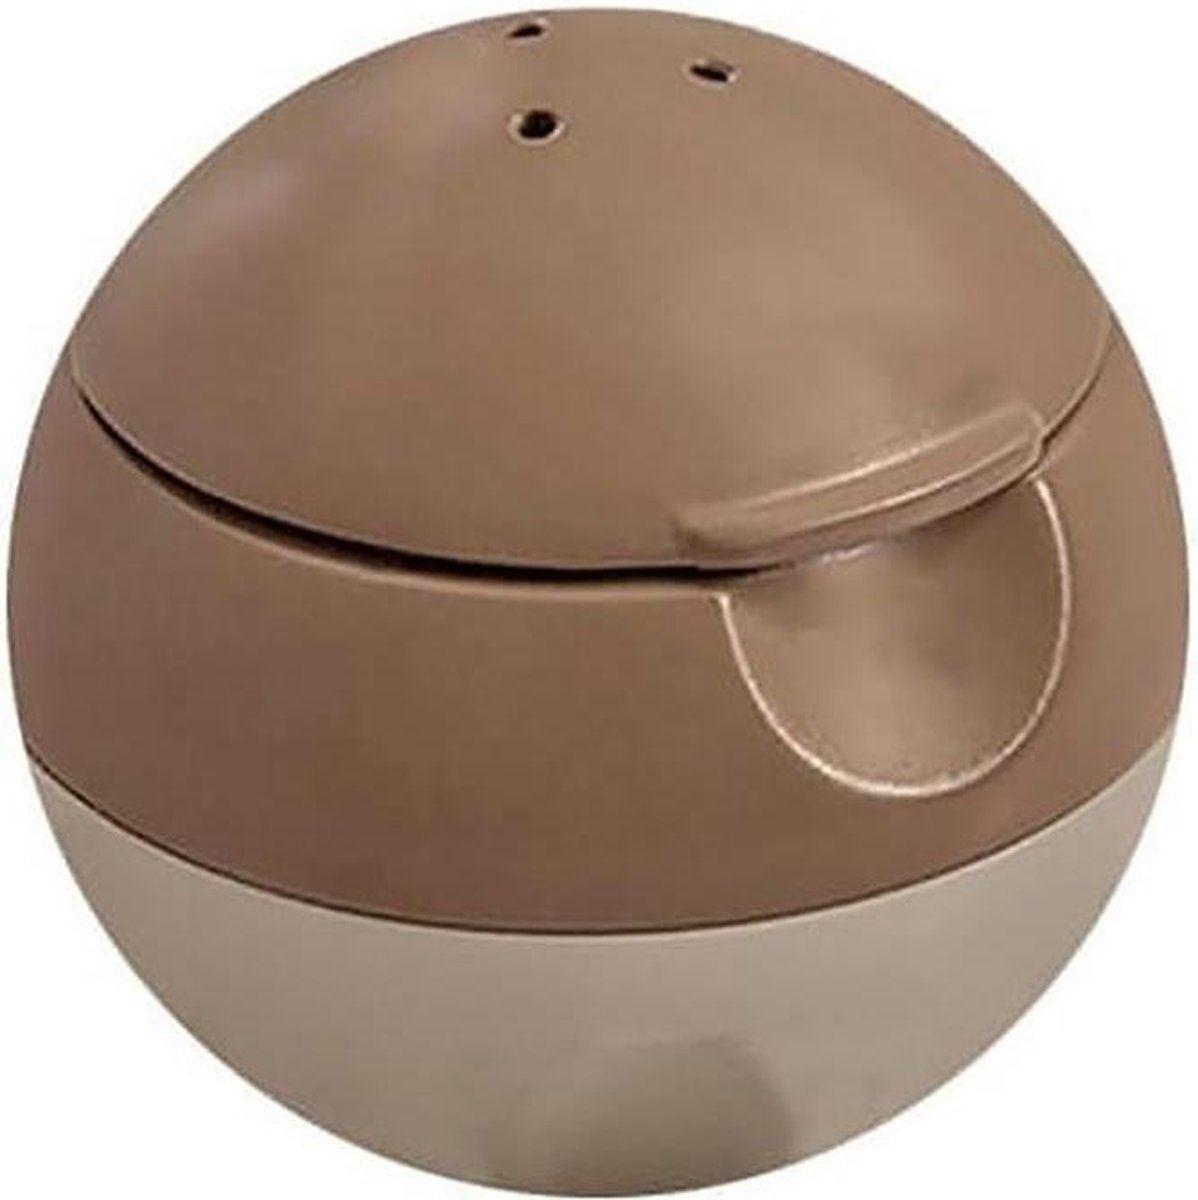 Chloorvlotter-dispenser-voor-kleine-20gr-chloortabletten-of-mini-tabs-van-2-7gr